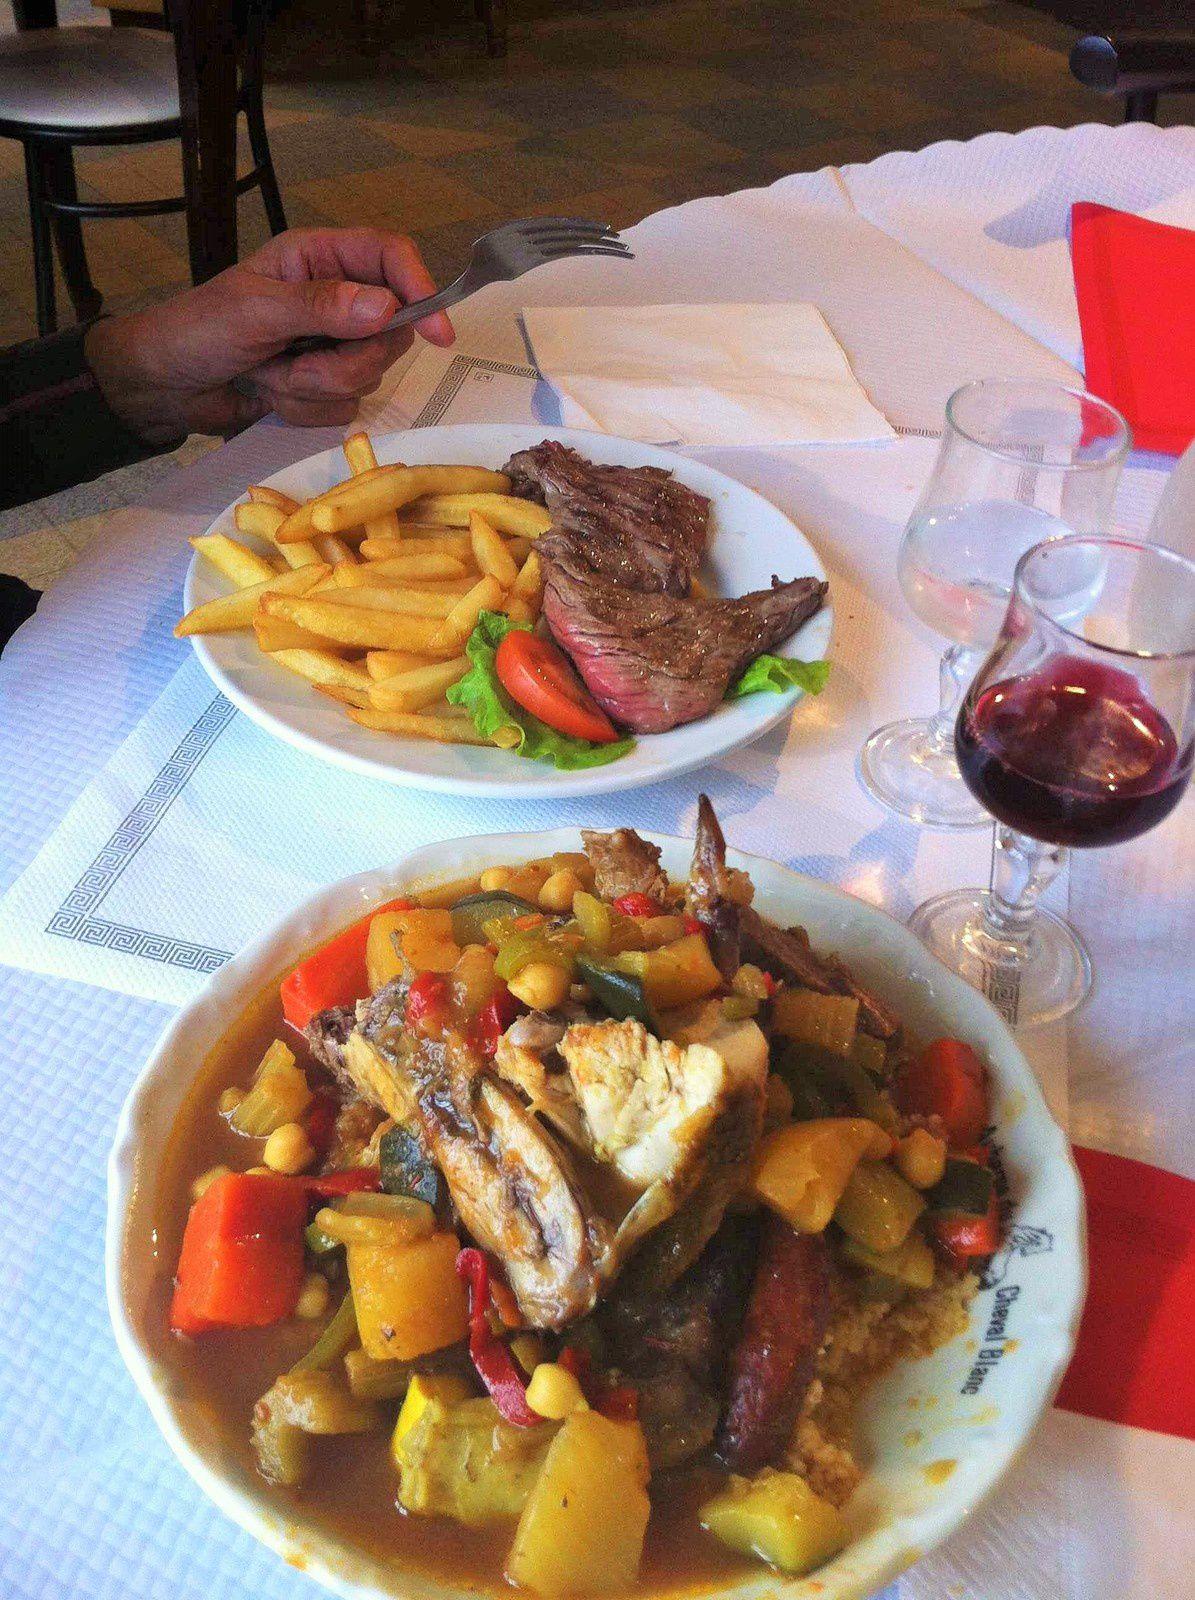 Privés depuis 3 mois, on ne résiste pas au steak frites et au couscous. Mauvaise idée ! Pas diététique du tout ! Jeanine en fera les frais avec des crampes d'estomac.